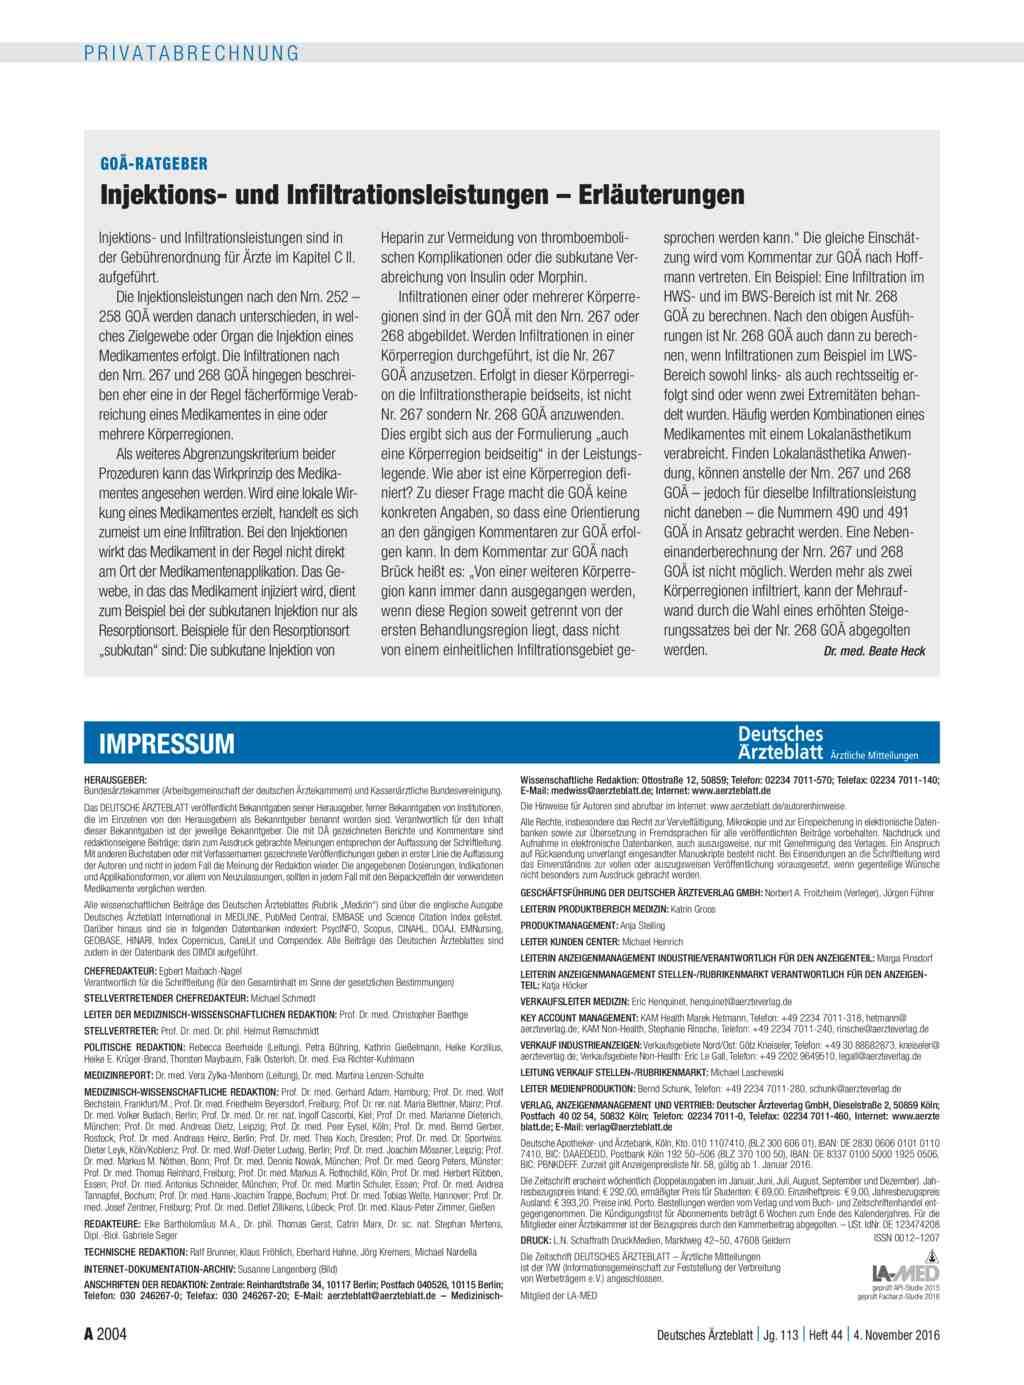 Goä Ratgeber Injektions Und Infiltrationsleistungen Erläuterungen